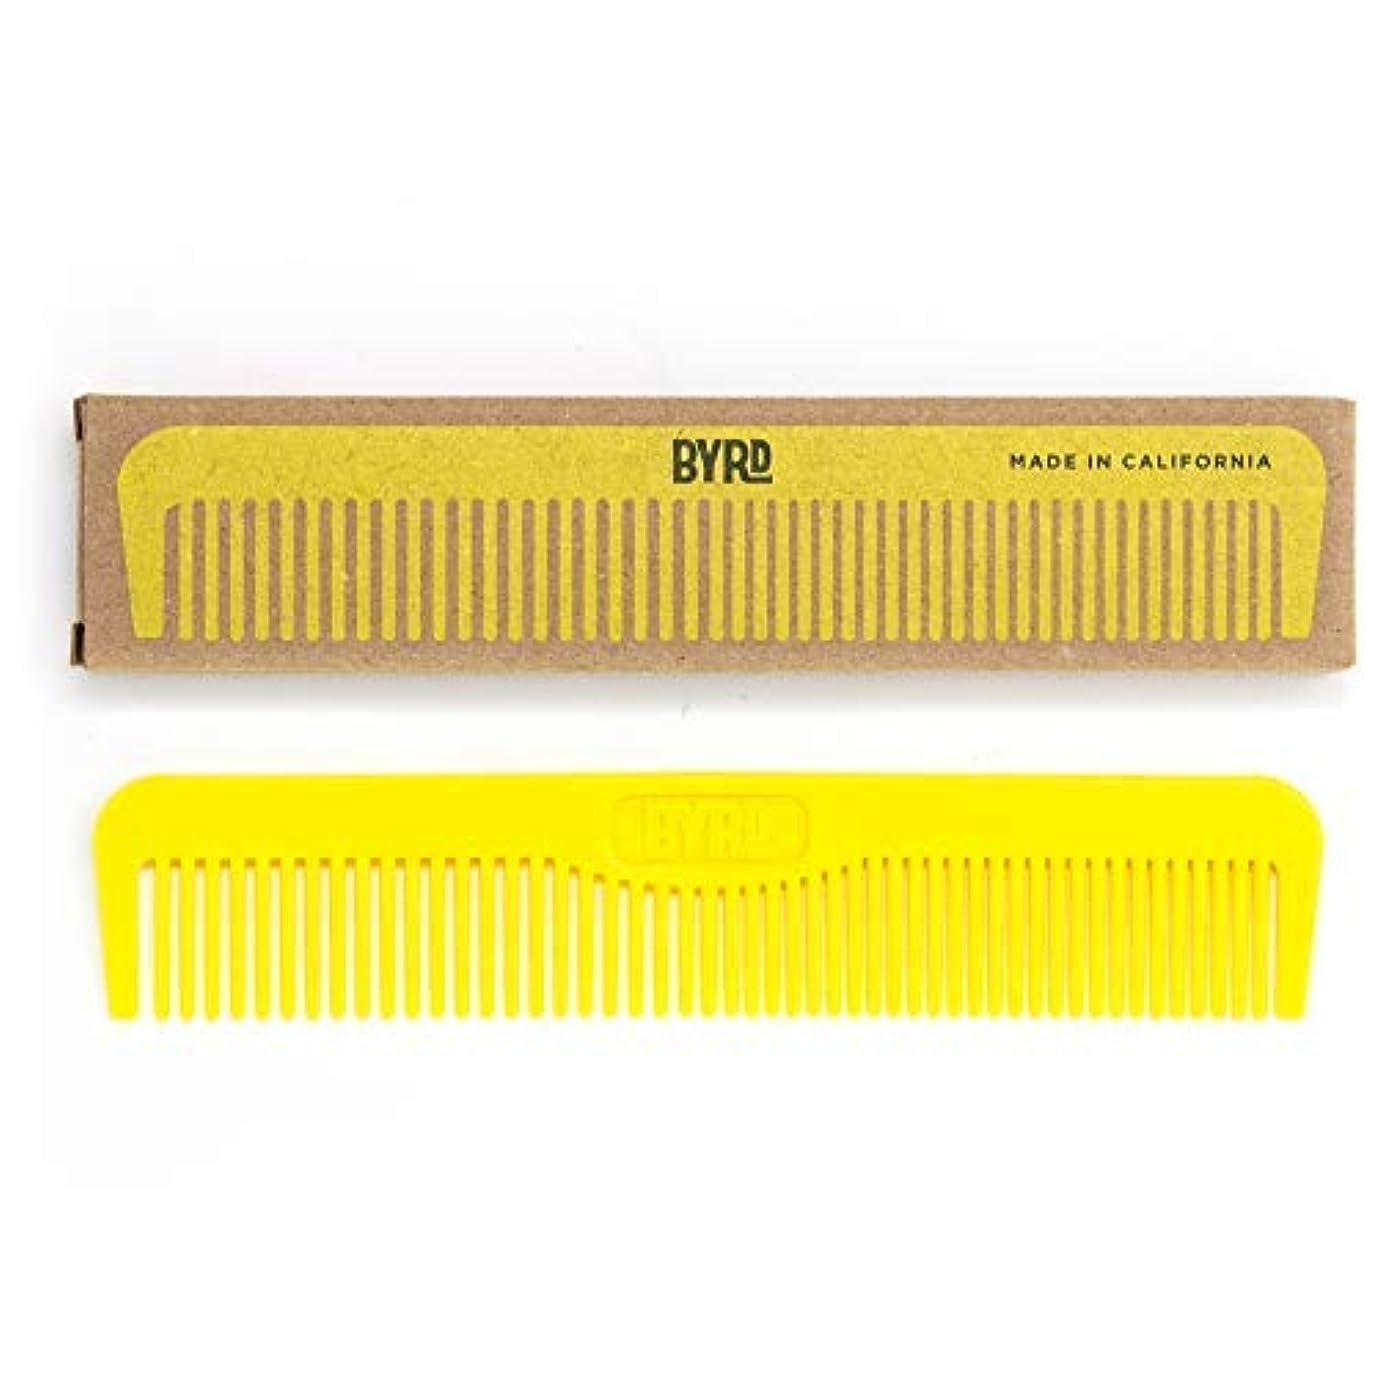 想定する有効なスノーケルBYRD Pocket Comb - Durable, Flexible, Tangle Free, Styling Comb, For All Hair Types, Back Pocket Friendly [並行輸入品]